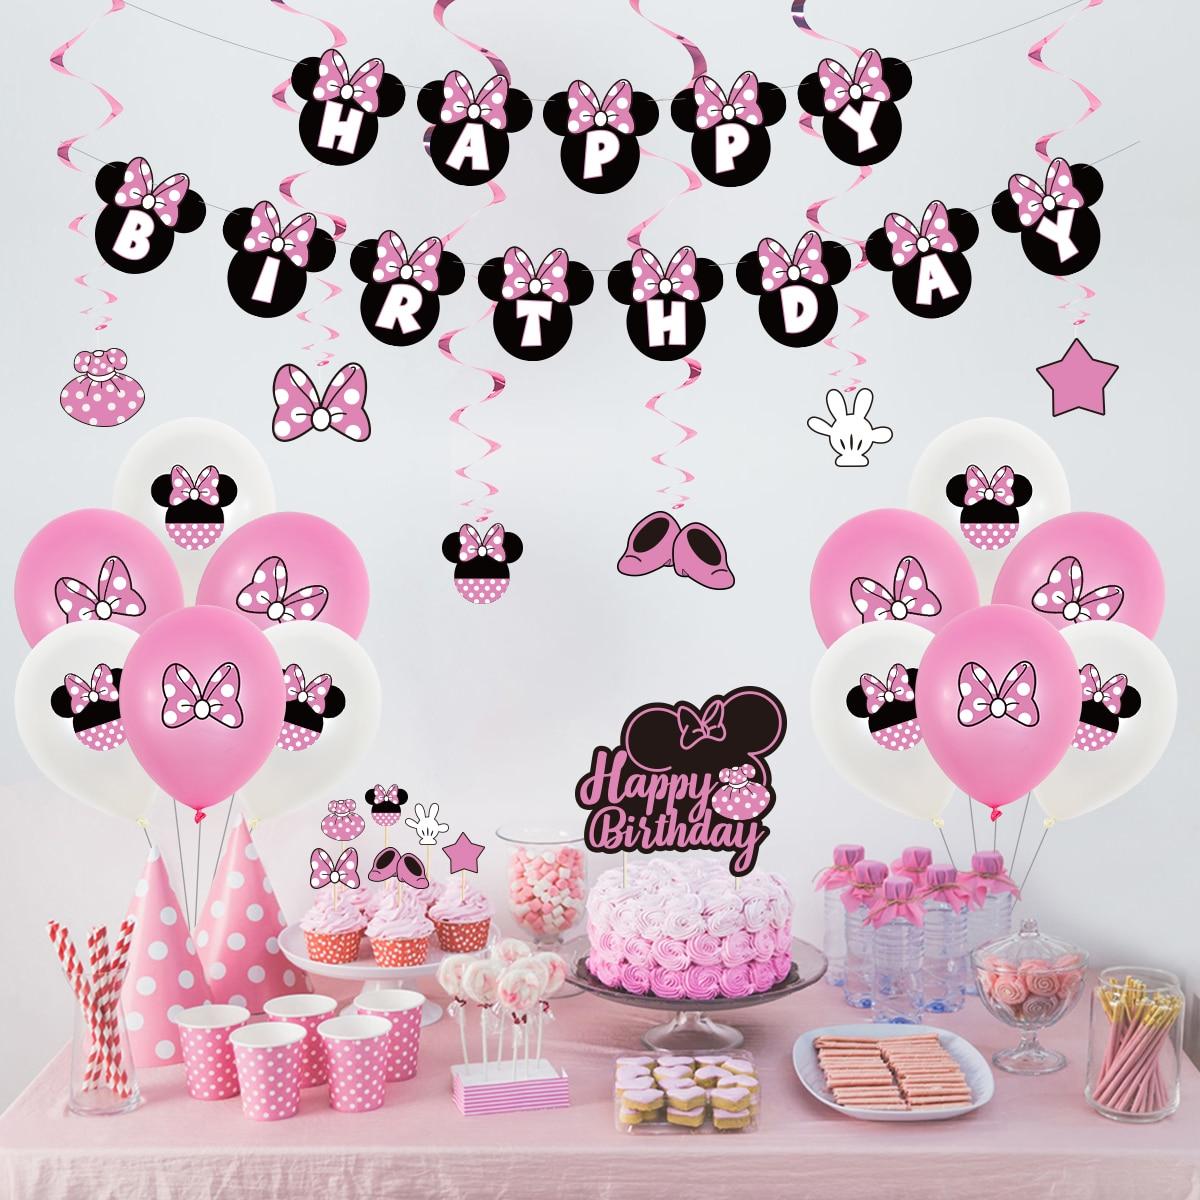 Minnie balões mickey minnie mouse festa de aniversário decoração da festa de aniversário crianças minnie balão de ar globos